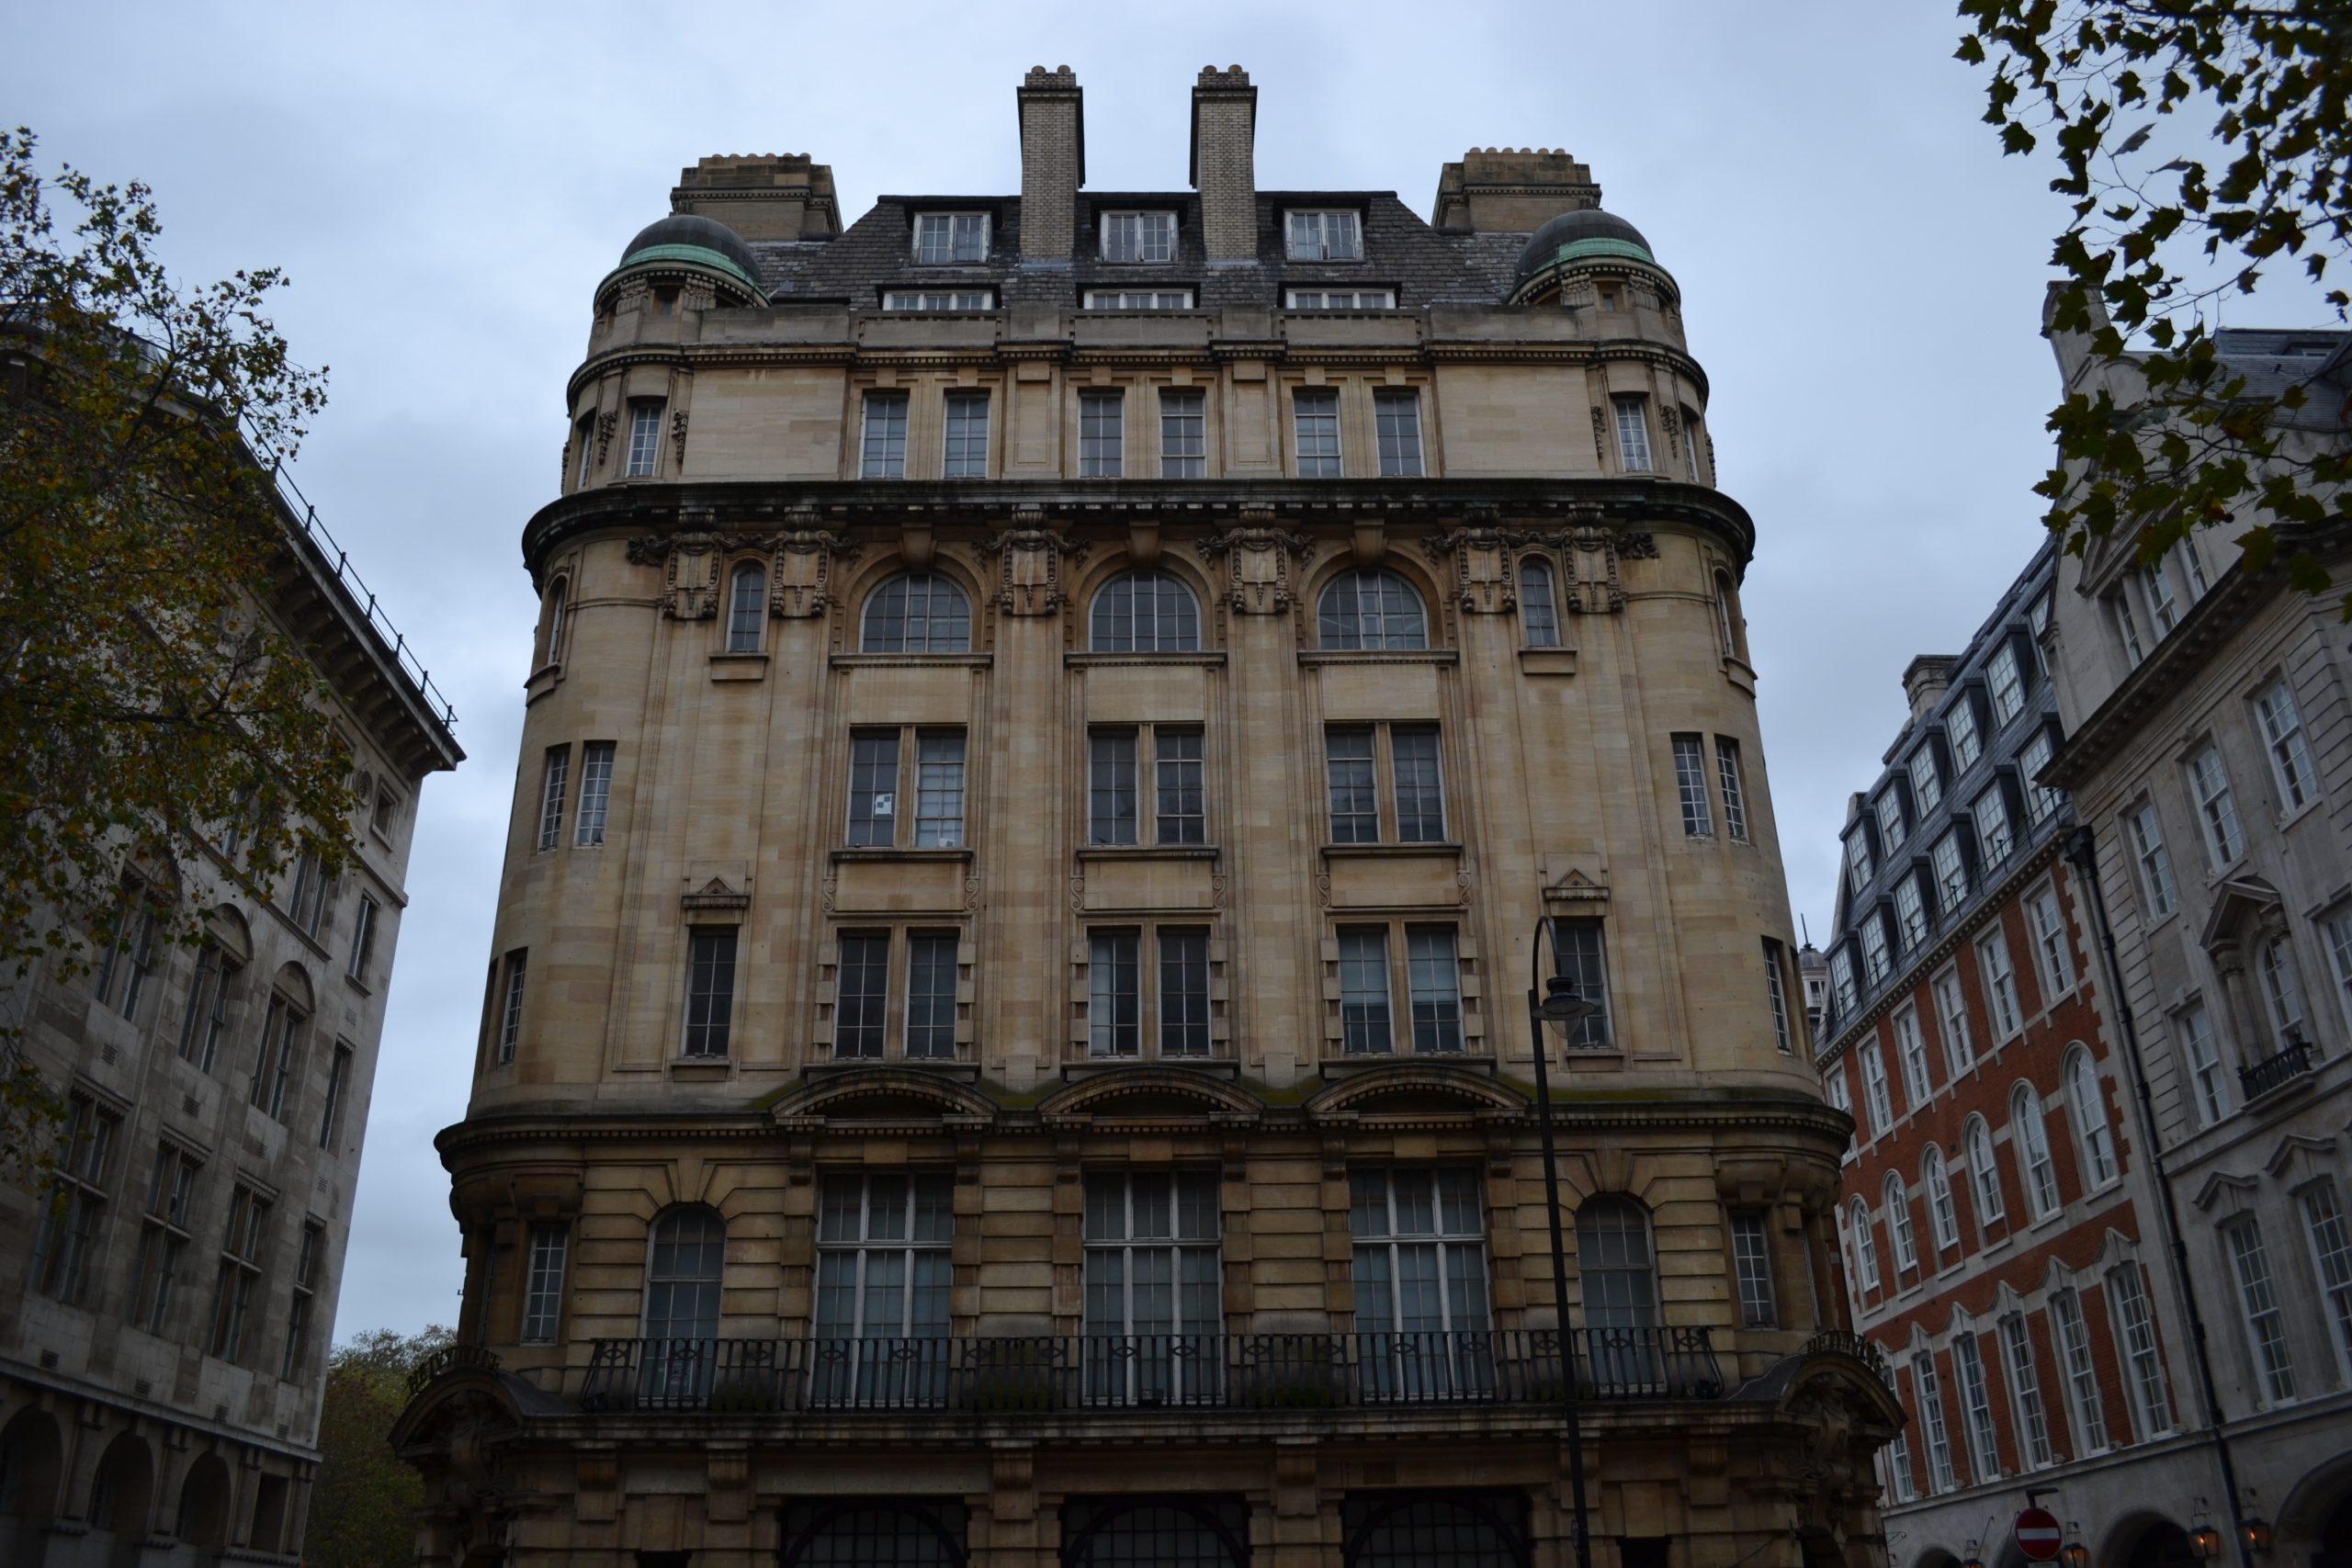 8-10 Southampton Row